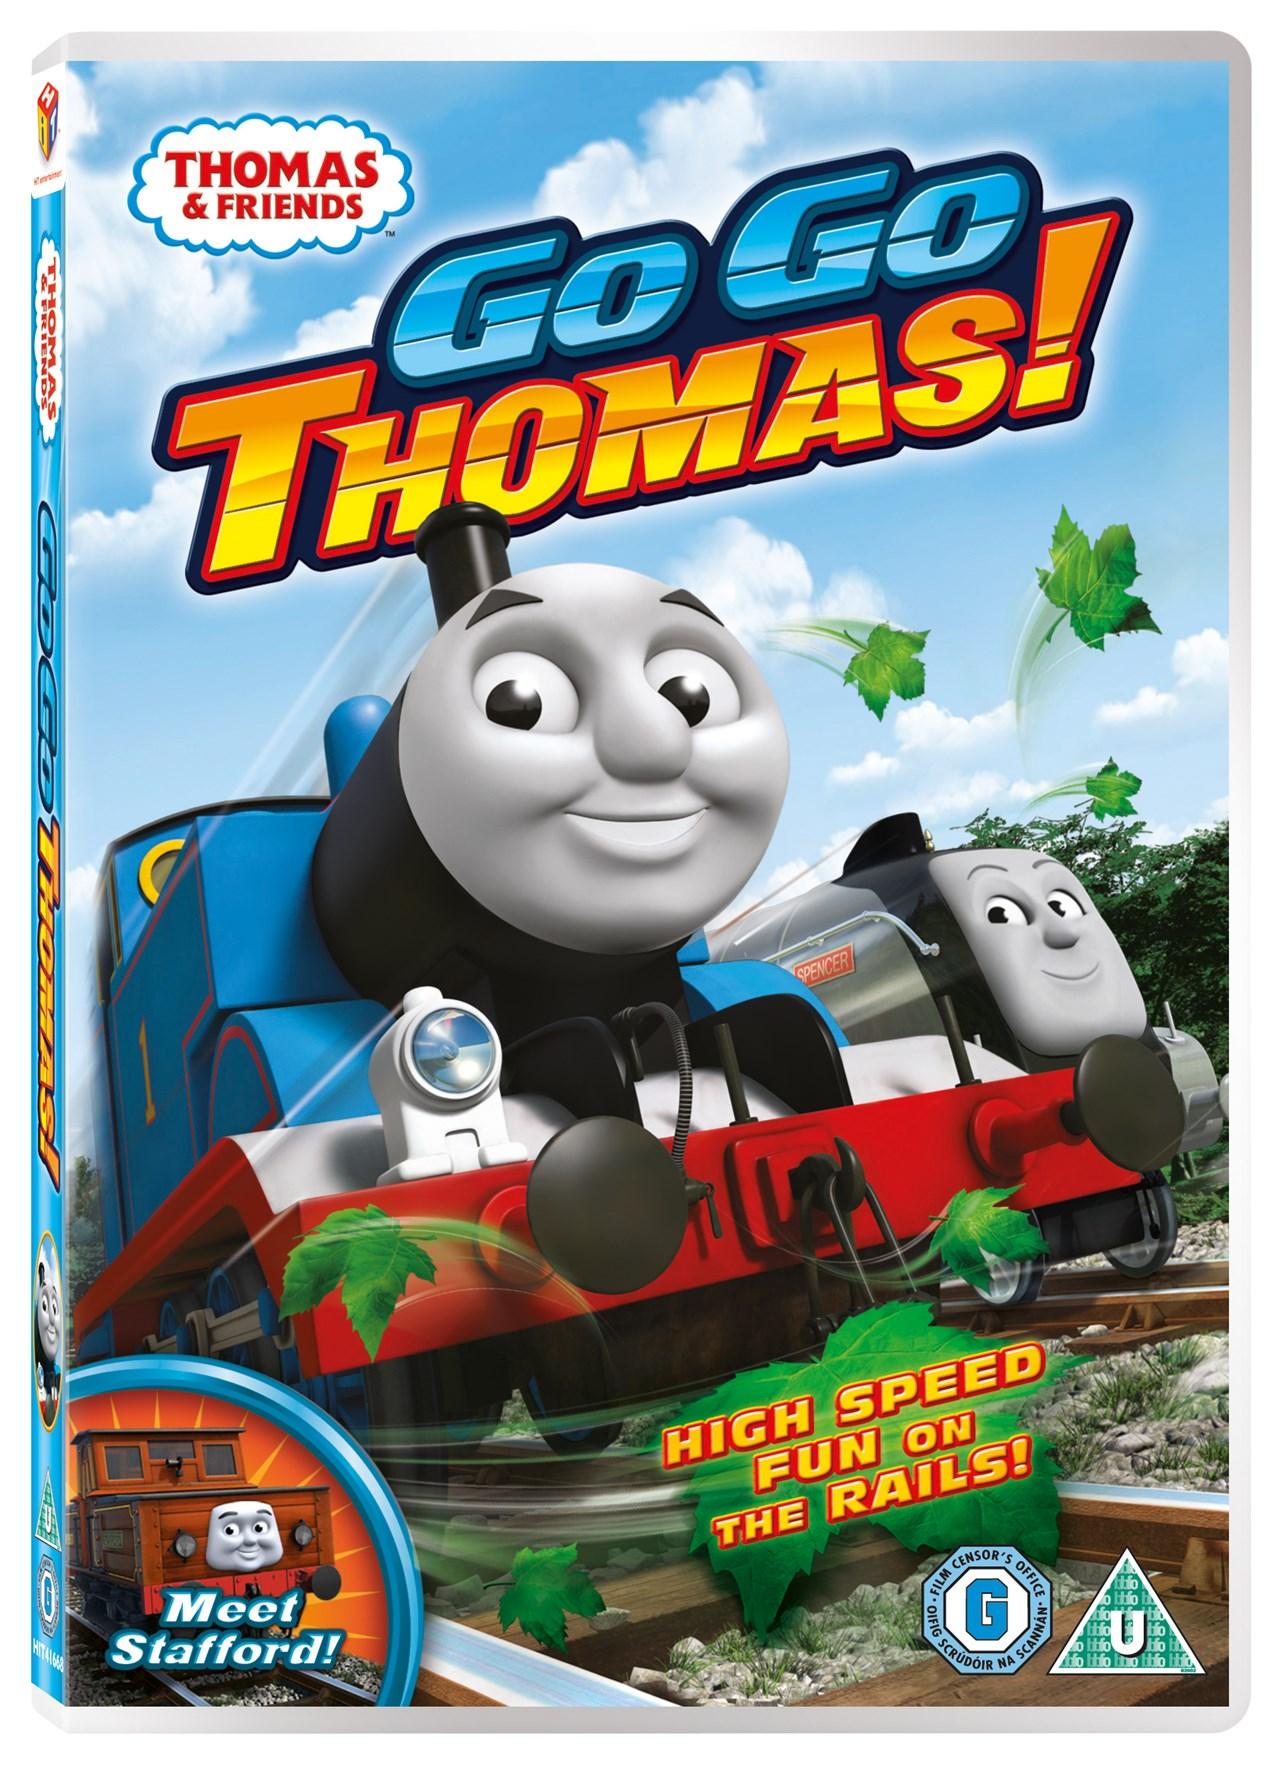 Thomas & Friends: Go Go Thomas - 2